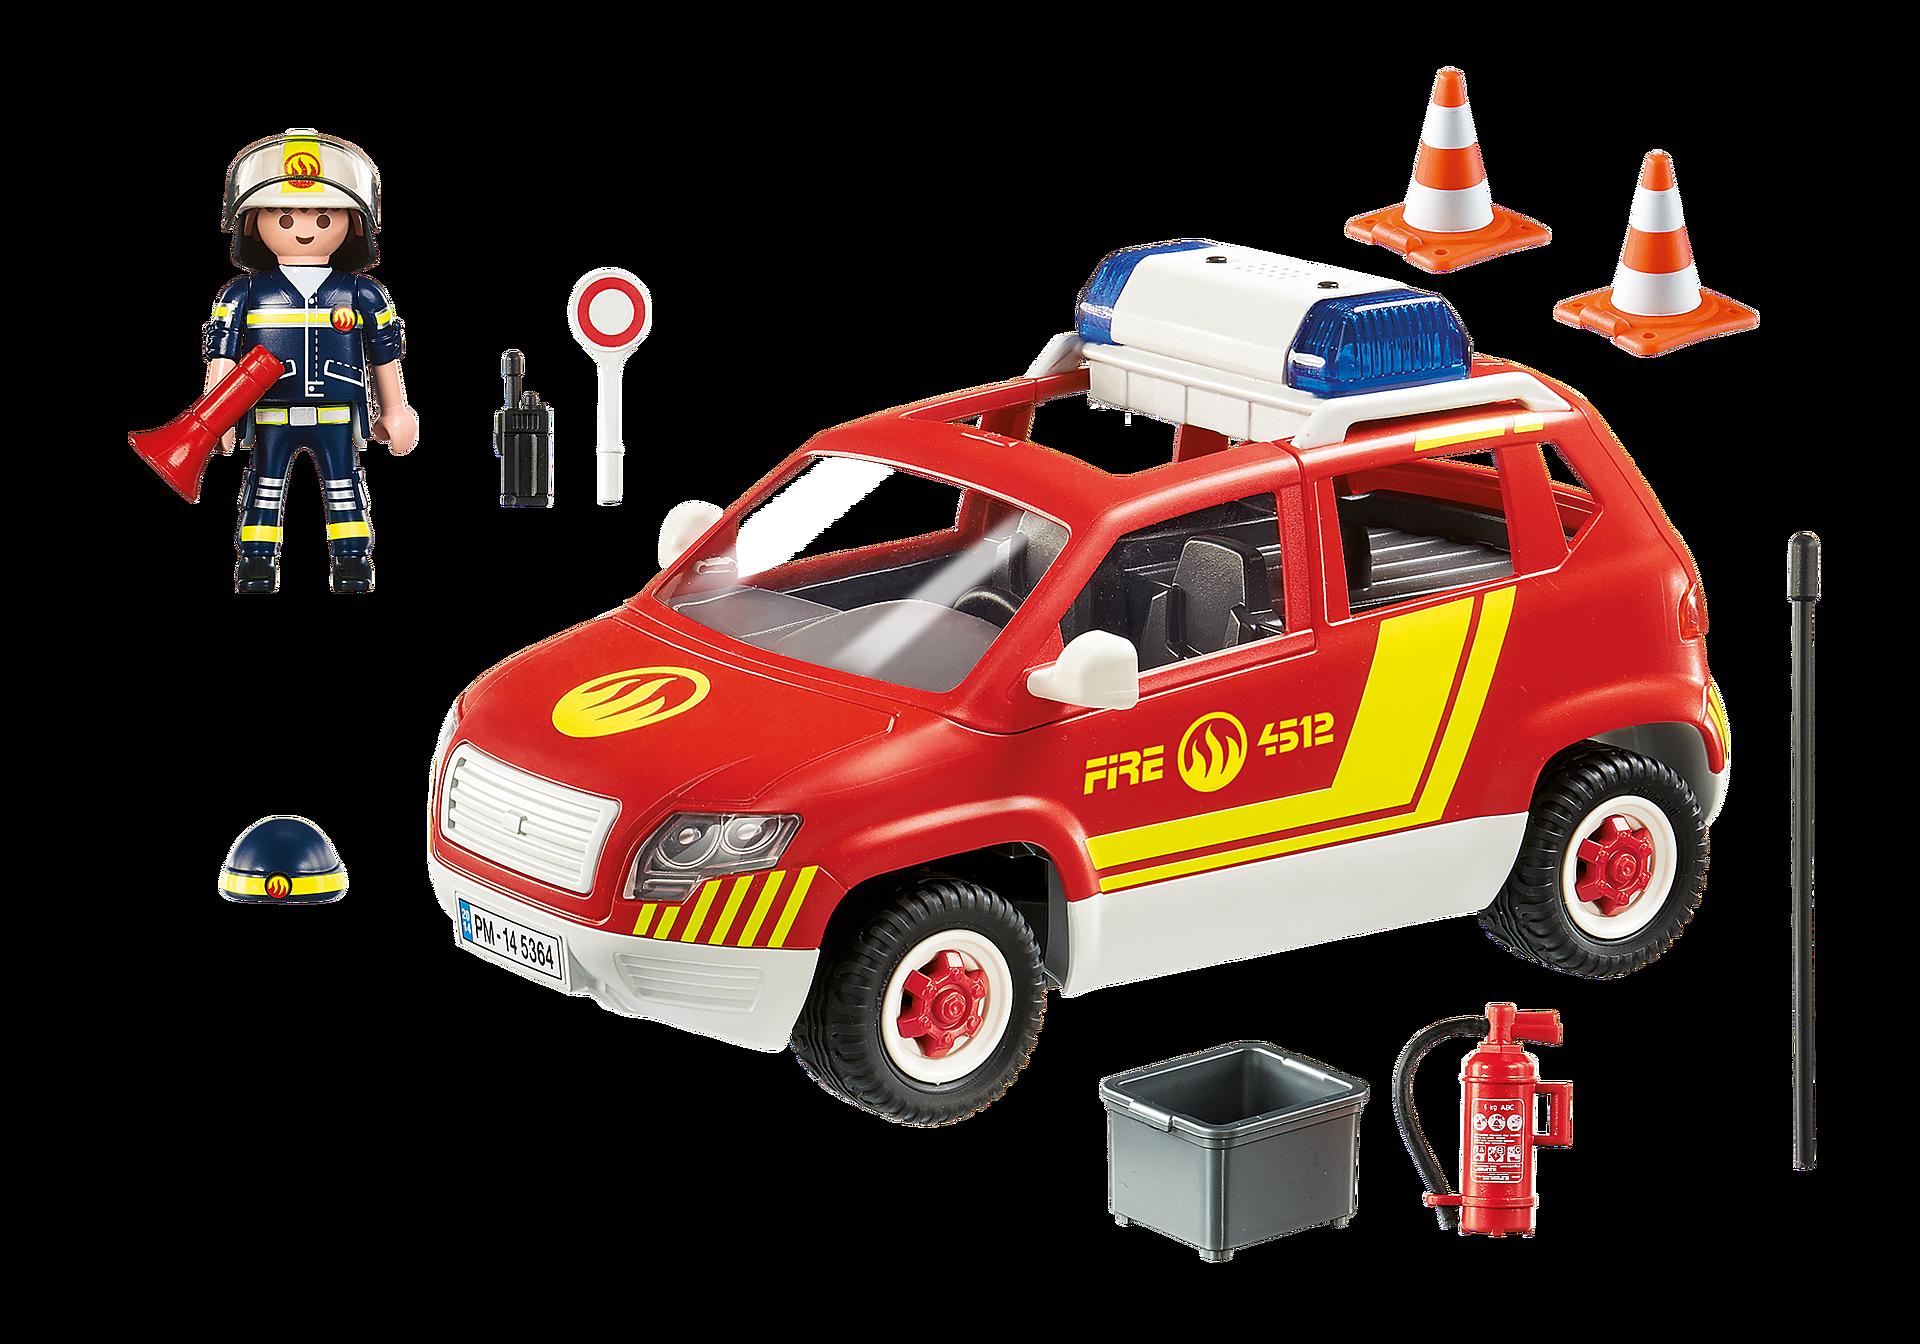 5364 Brandweercommandant met dienstwagen met licht en sirene zoom image4